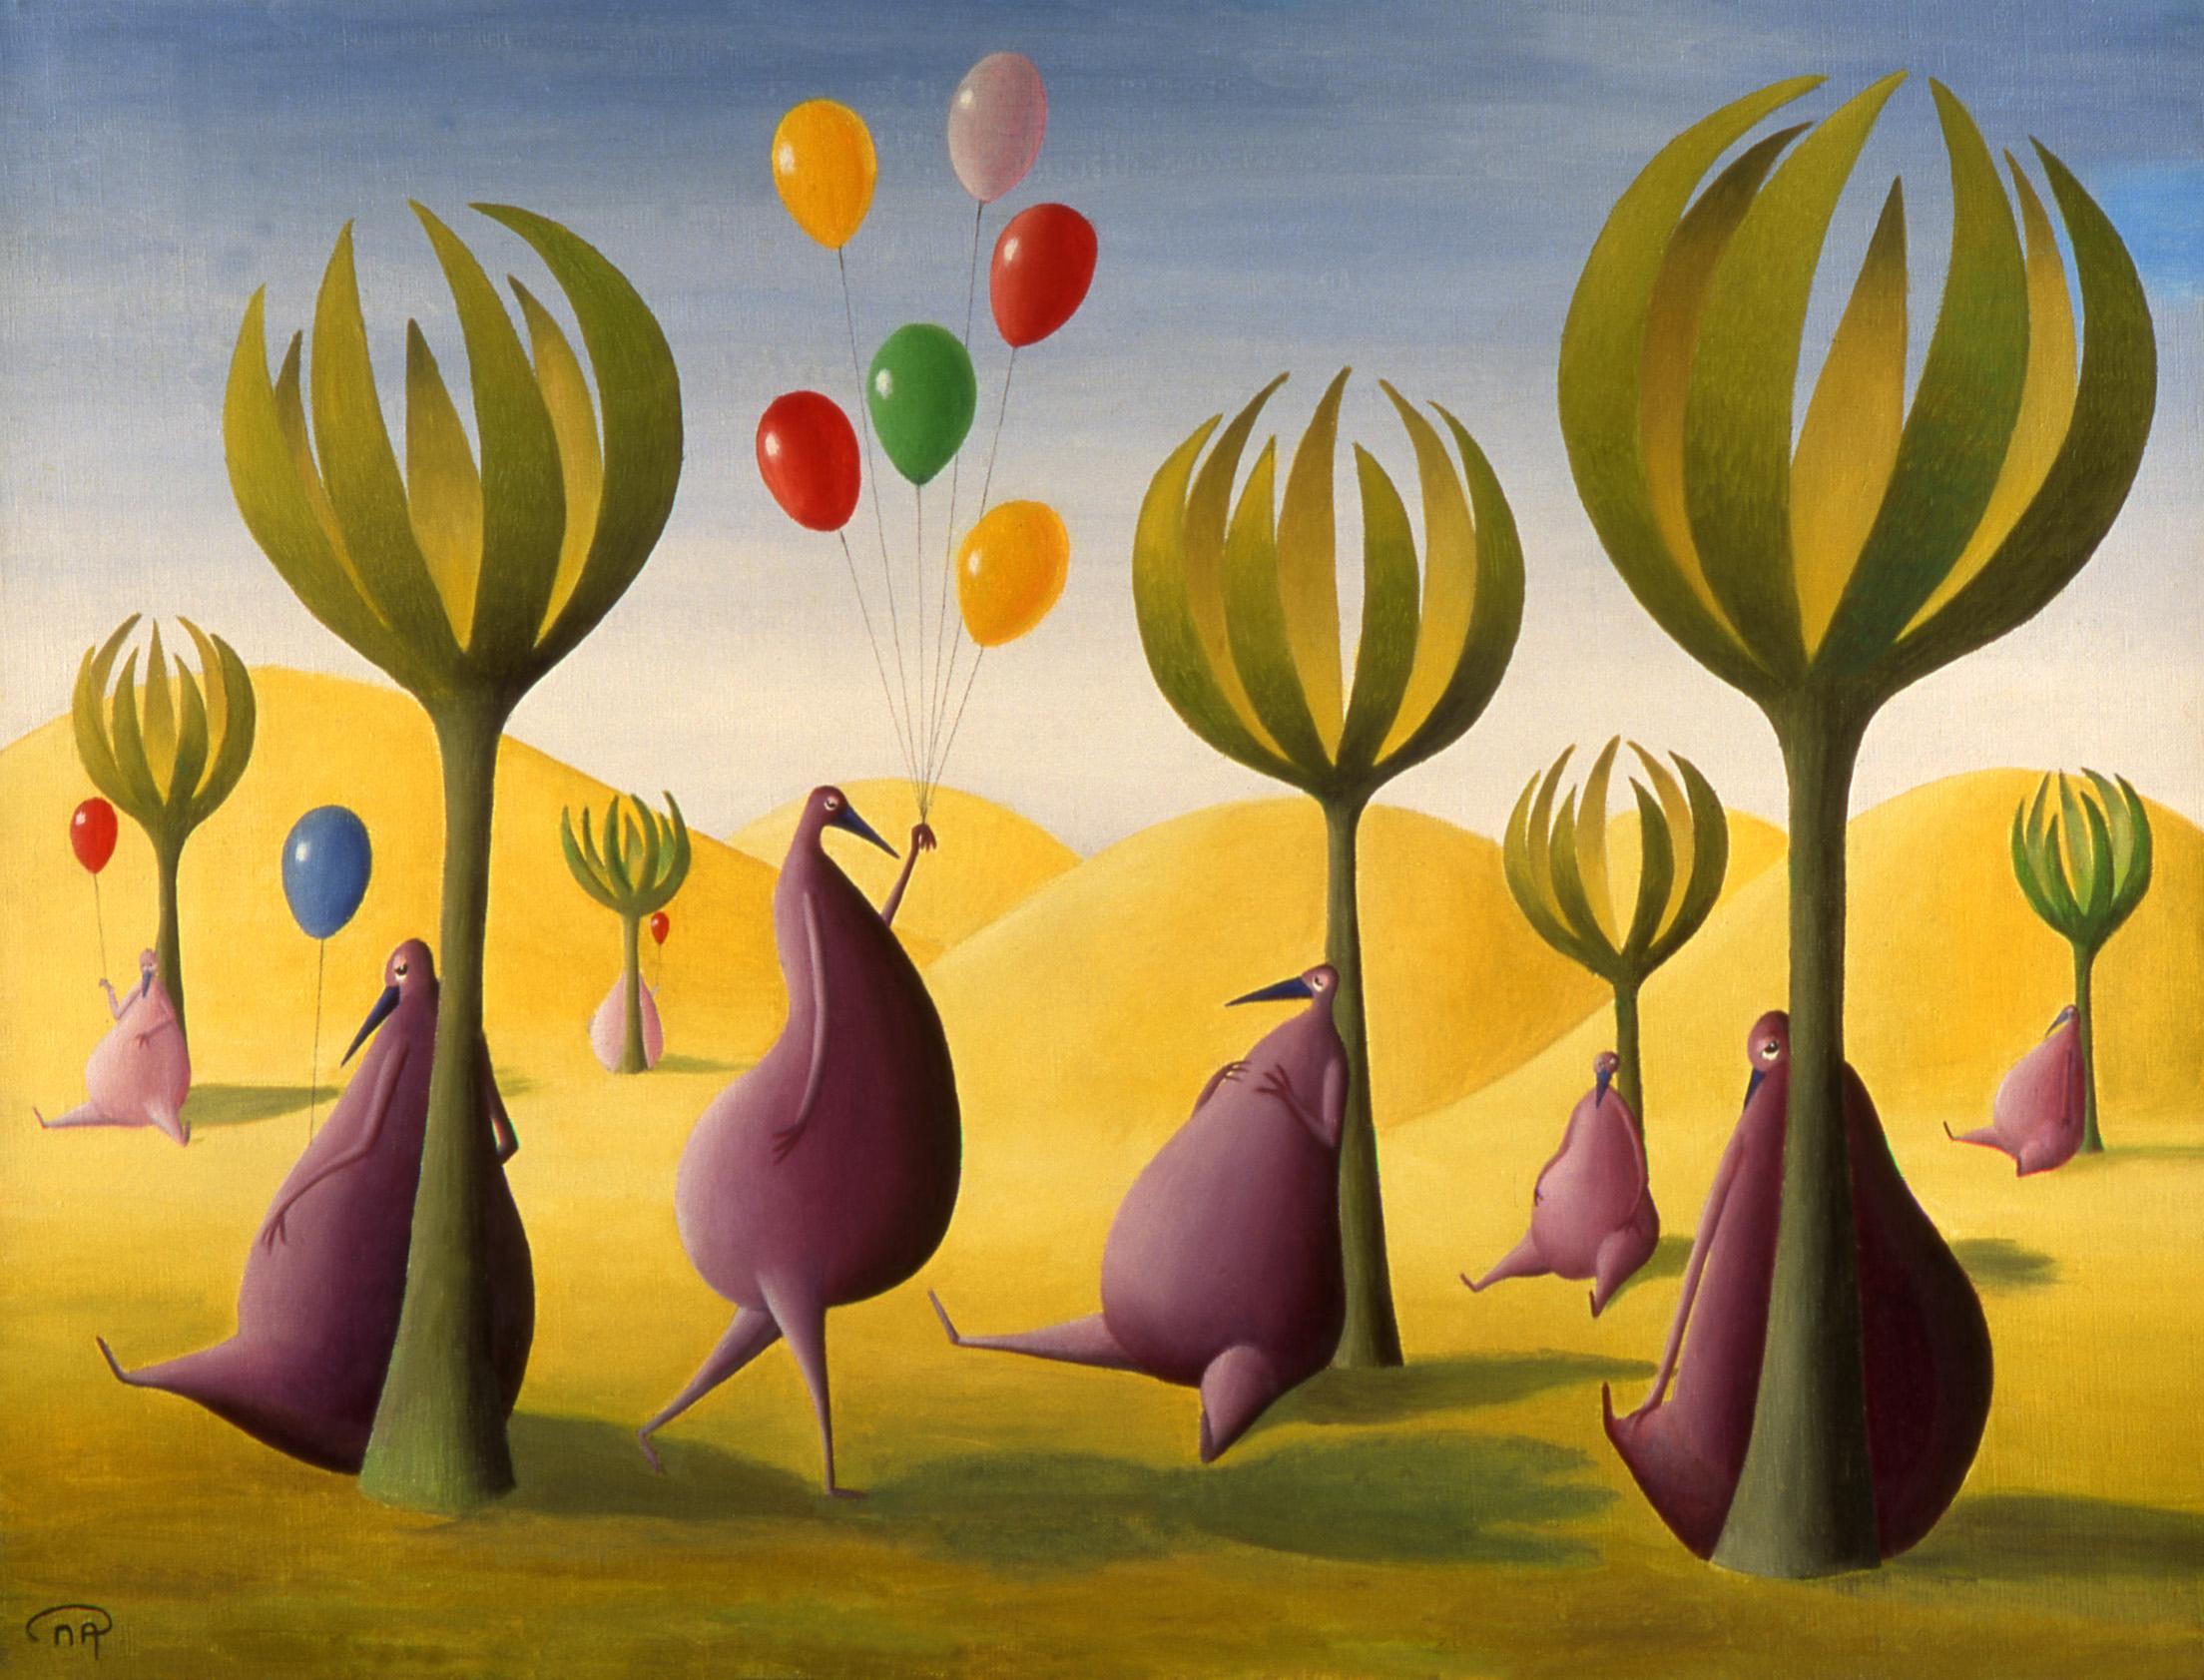 Le ballonnier